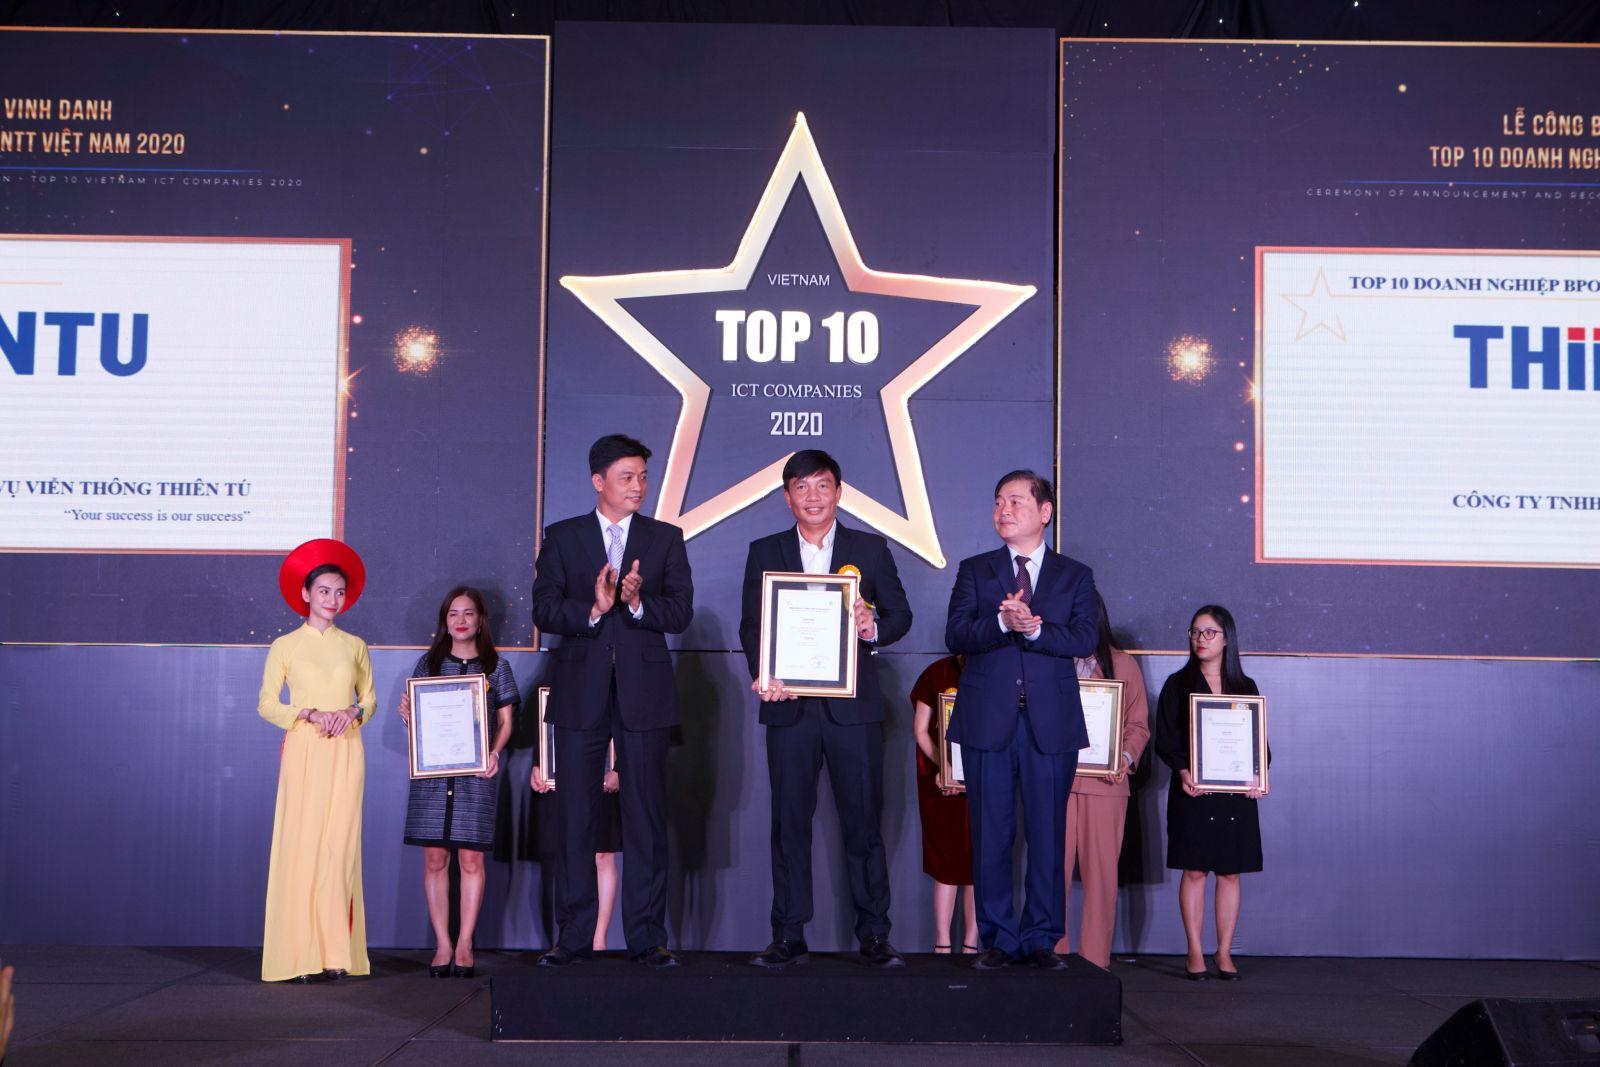 Thiên Tú đoạt giải TOP 10 Doanh Nghiệp BPO 2020